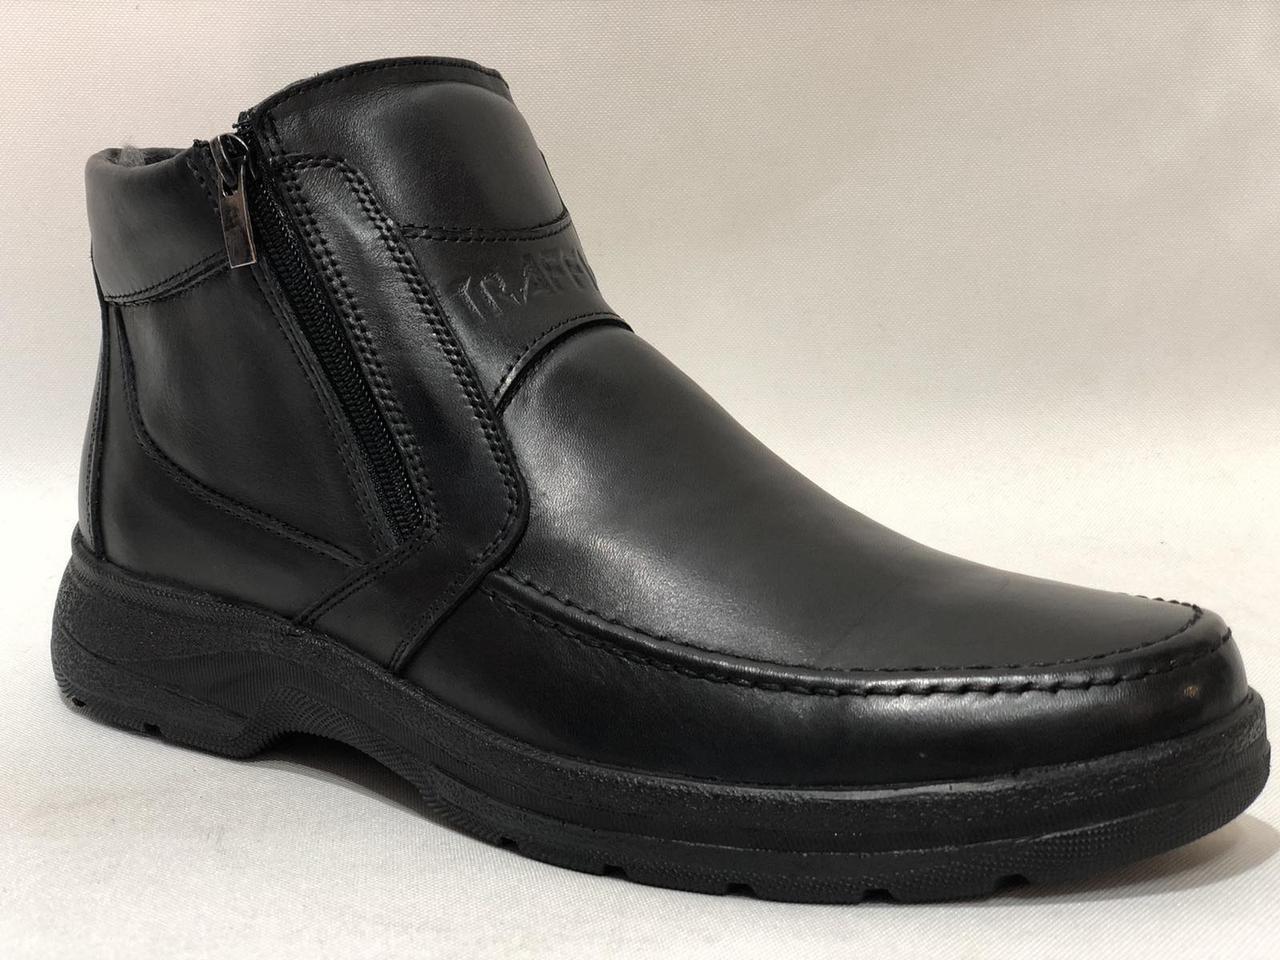 46,47 р. Мужские кожаные зимние сапоги (Больших размеров) Черные